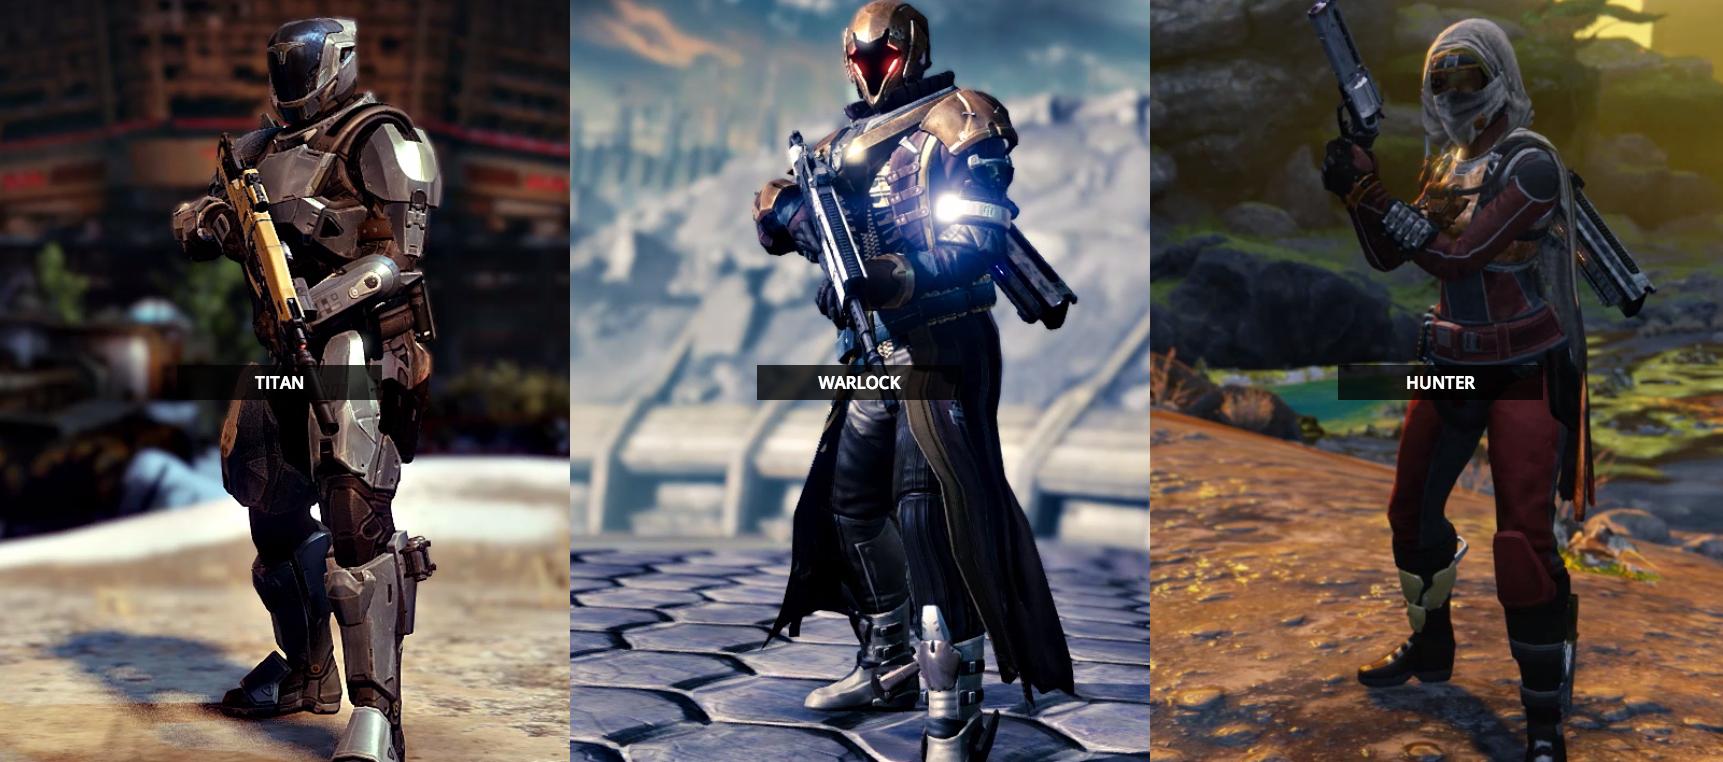 Super-Quick Looks At Destiny's Character Classes